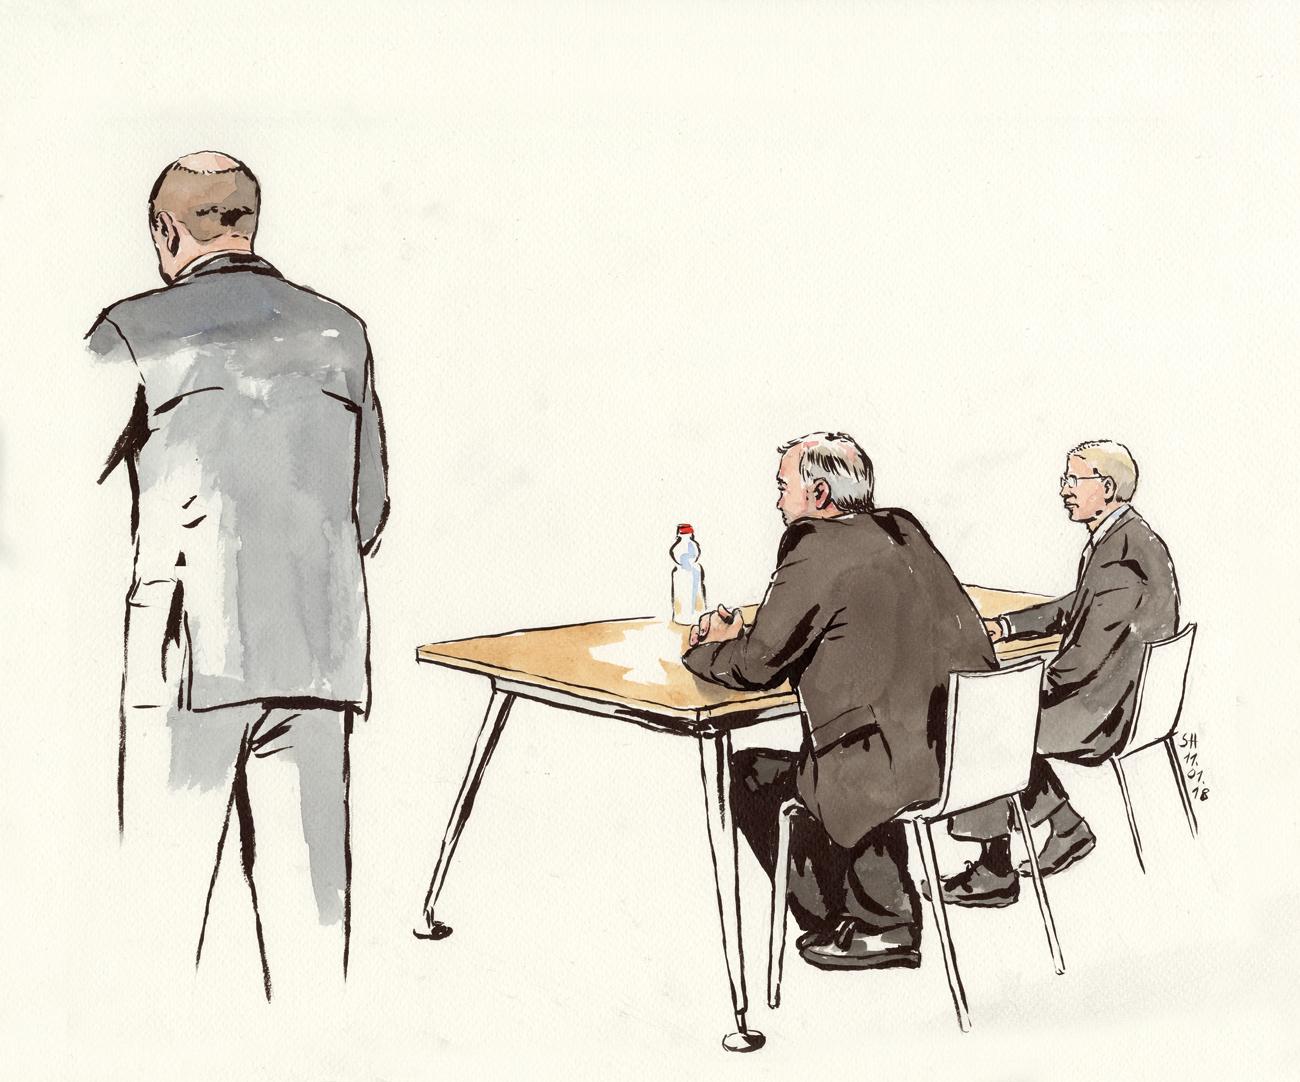 Angeklagter und Verteidiger sitzend, Staatsanwalt stehend.